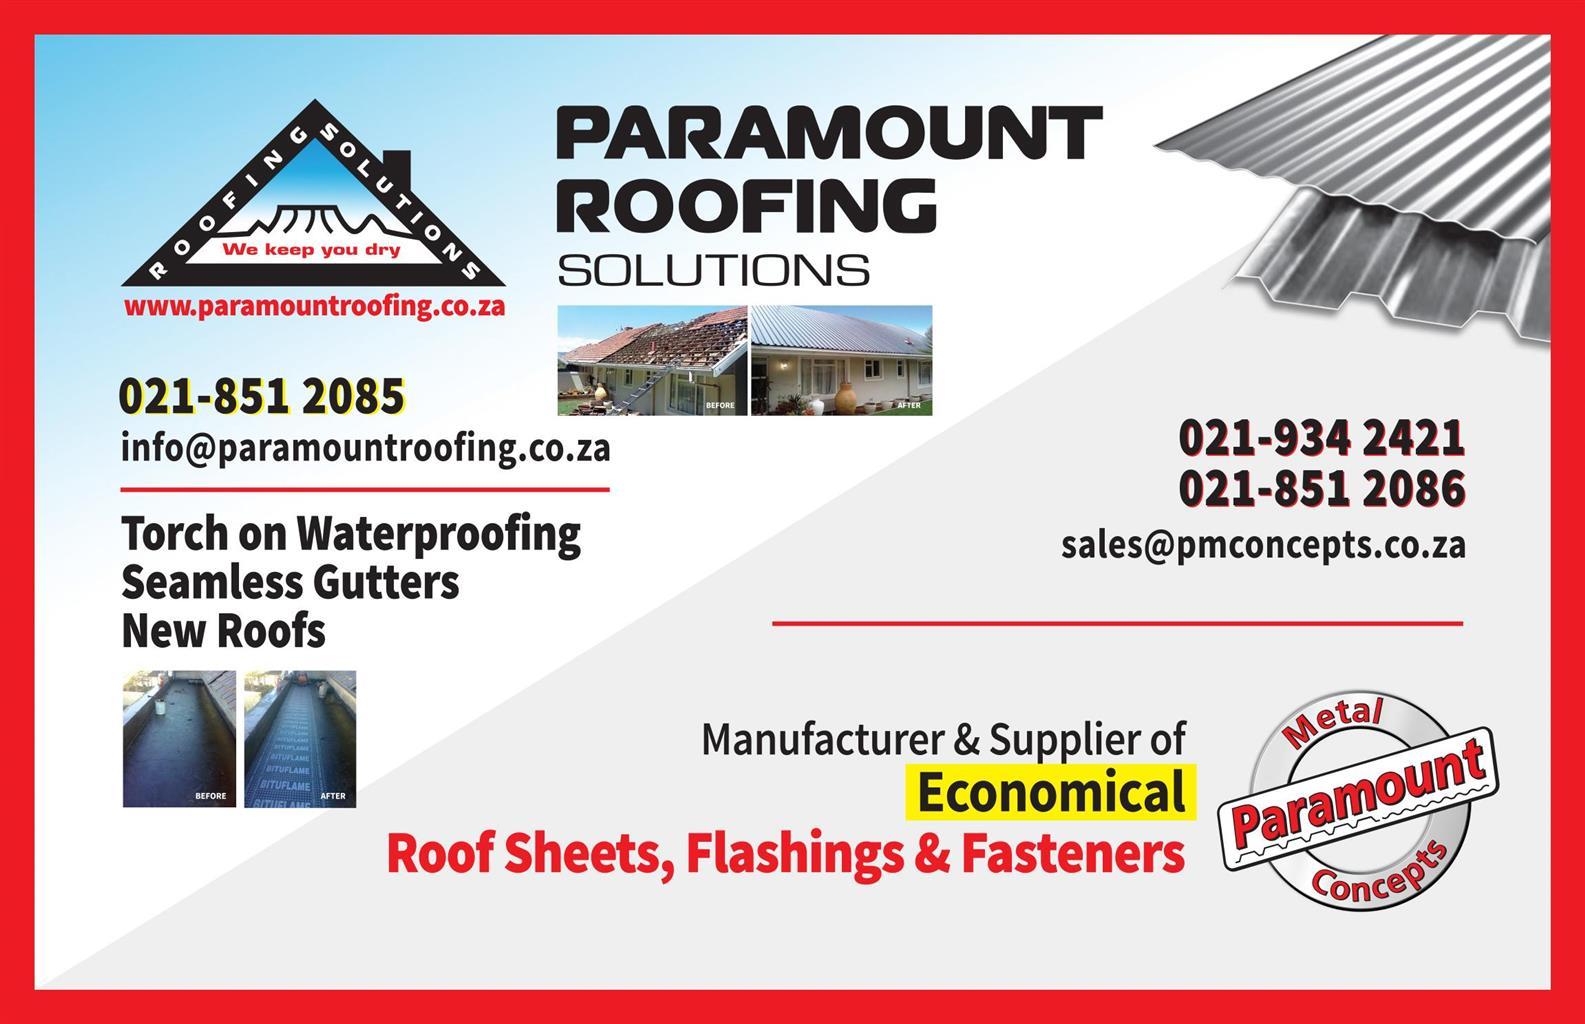 Roofing / Waterproofing / Painting